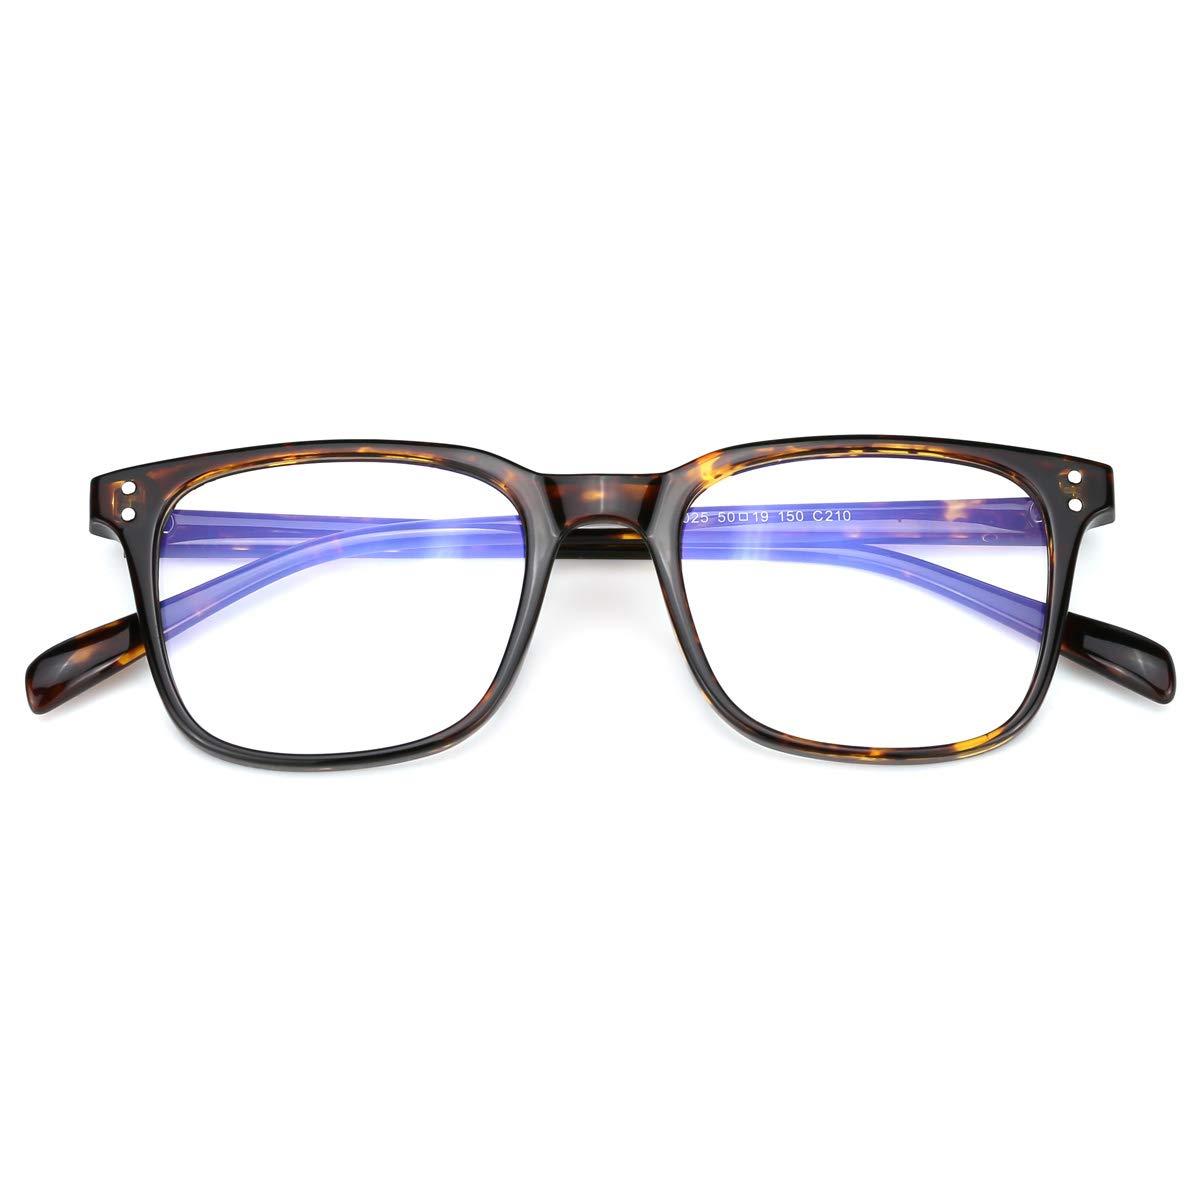 Mimoeye Classic Design Full Rimmed Blue Light Blocking Eyeglasses Non-Prescription Glasses, Whisky Toroise by Mimoeye